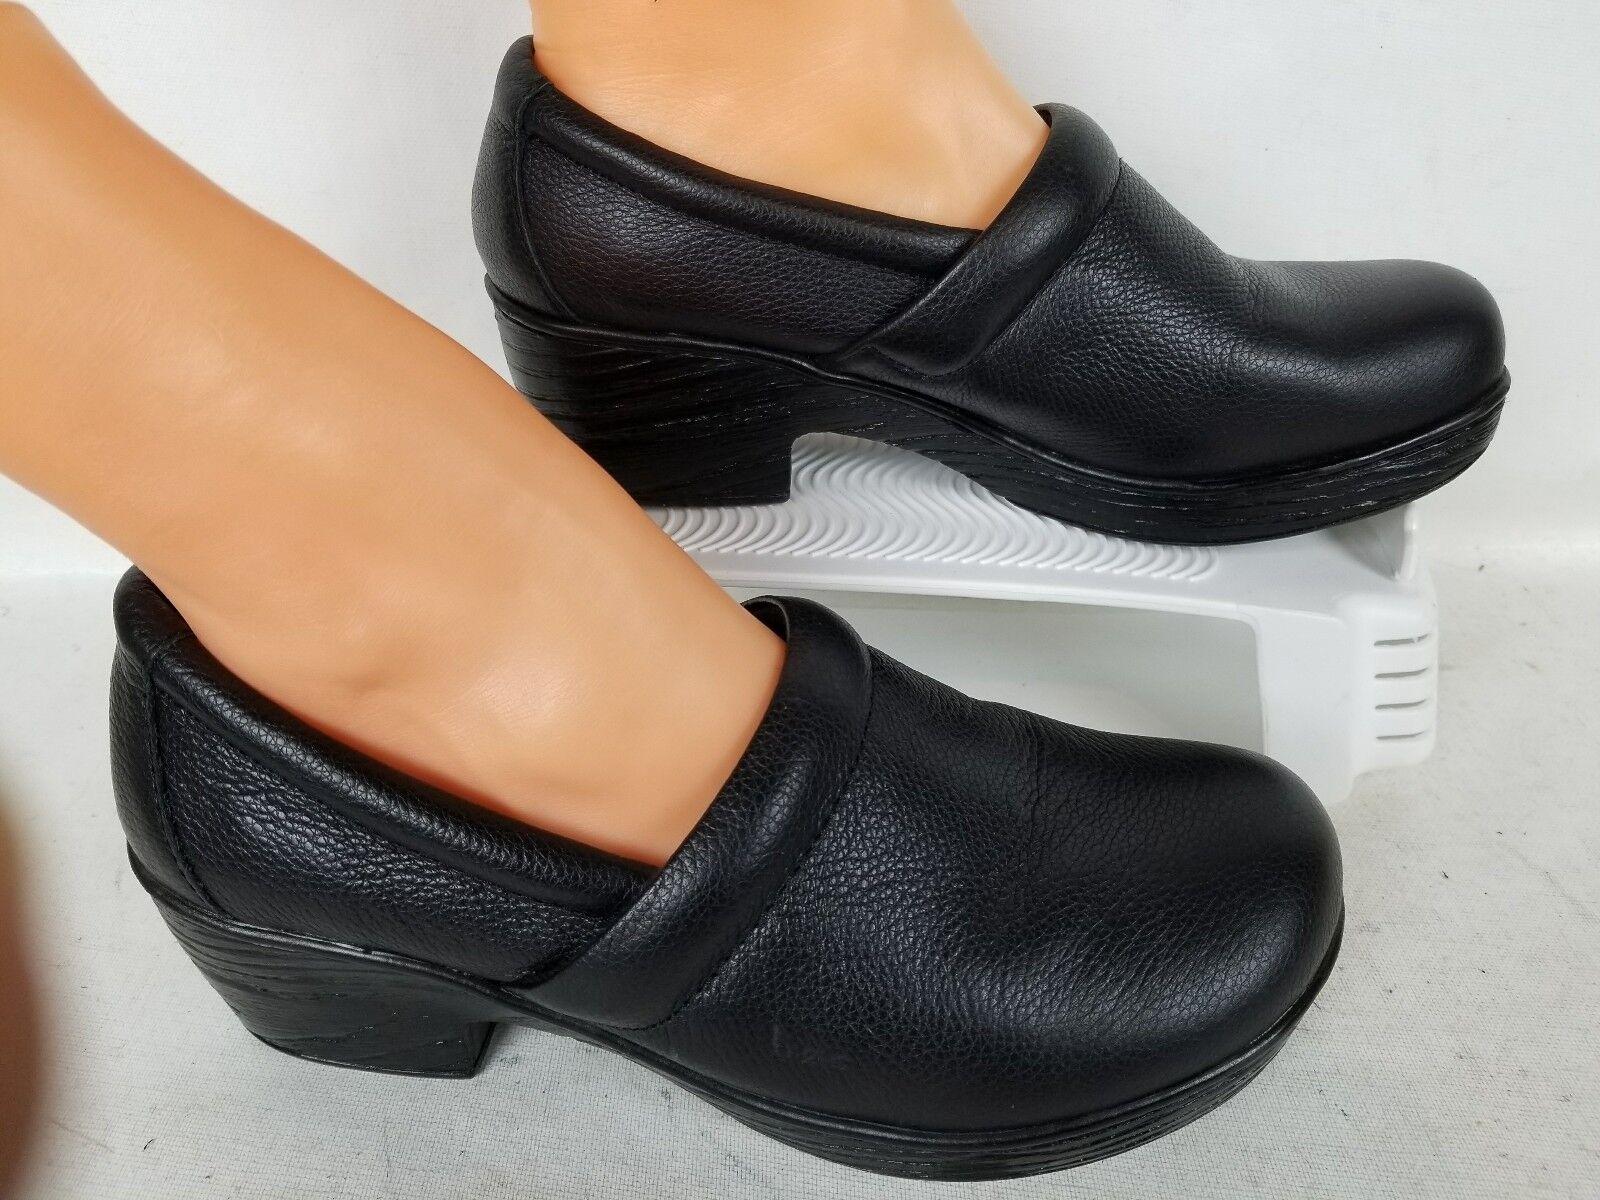 BORN femmes CLOGS COMFORT noir LEATHER chaussures SZ US 9.5M